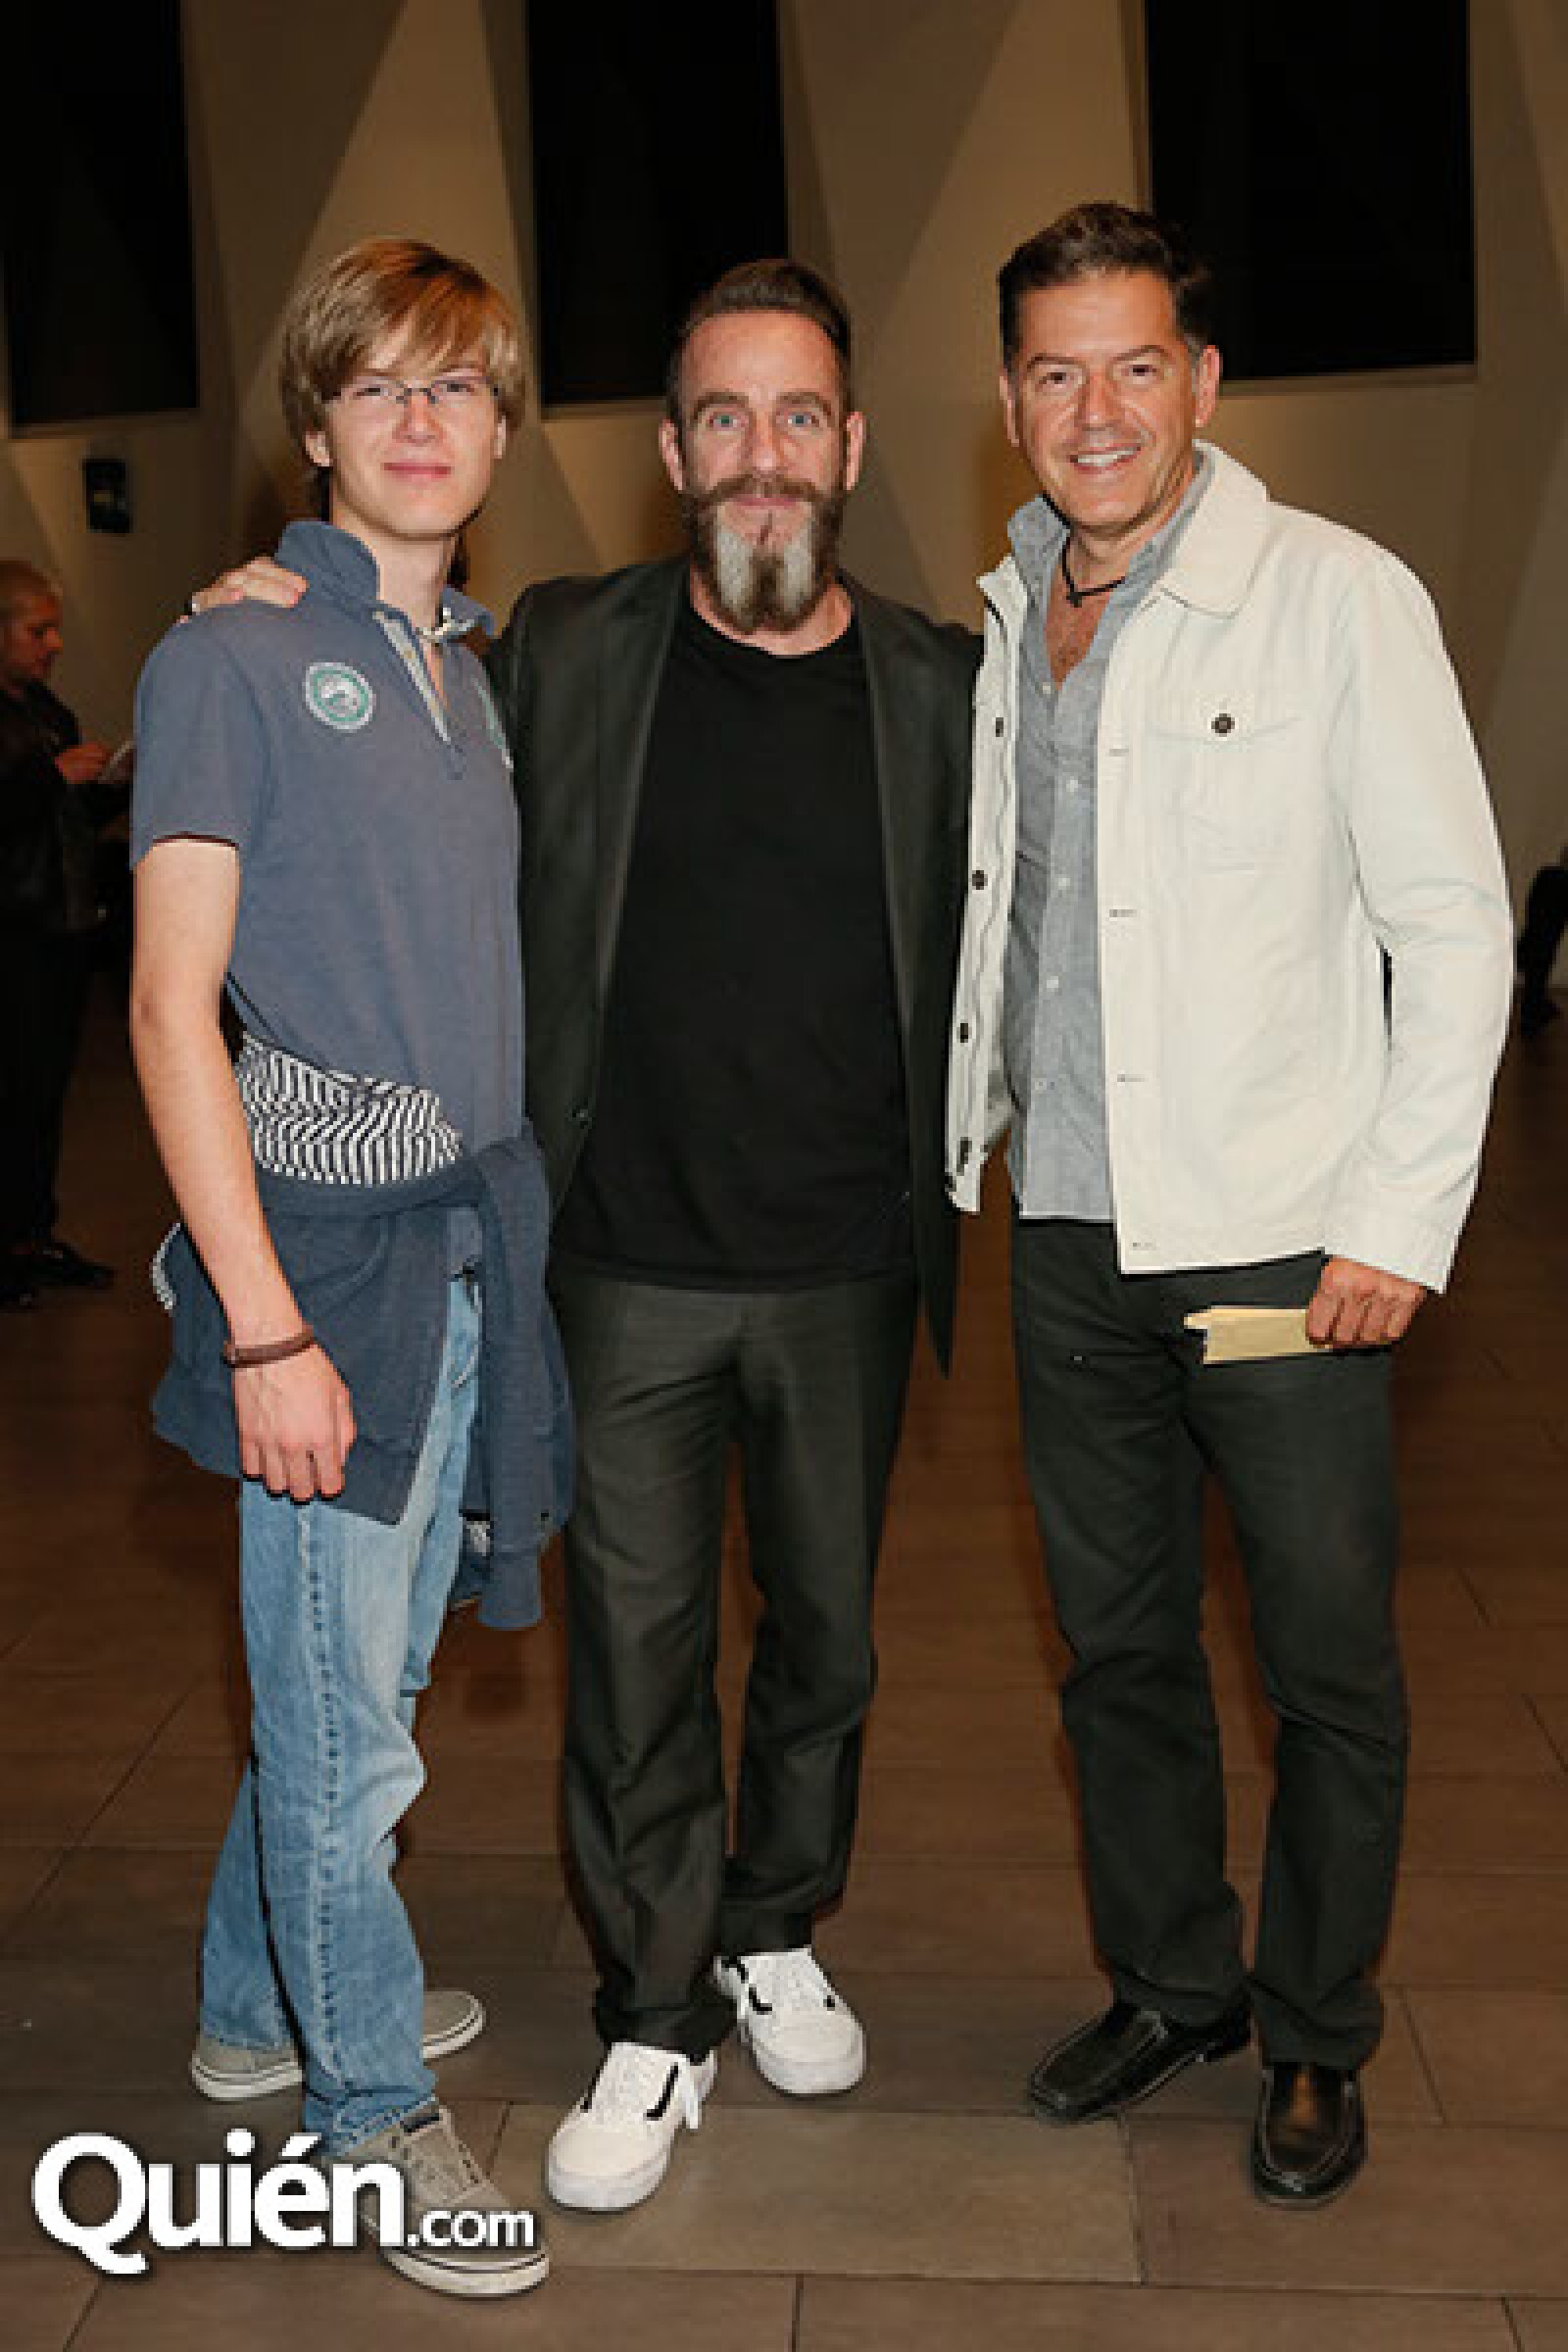 Santiago Salmón,Michel Rojkind y Alejandro Salmón